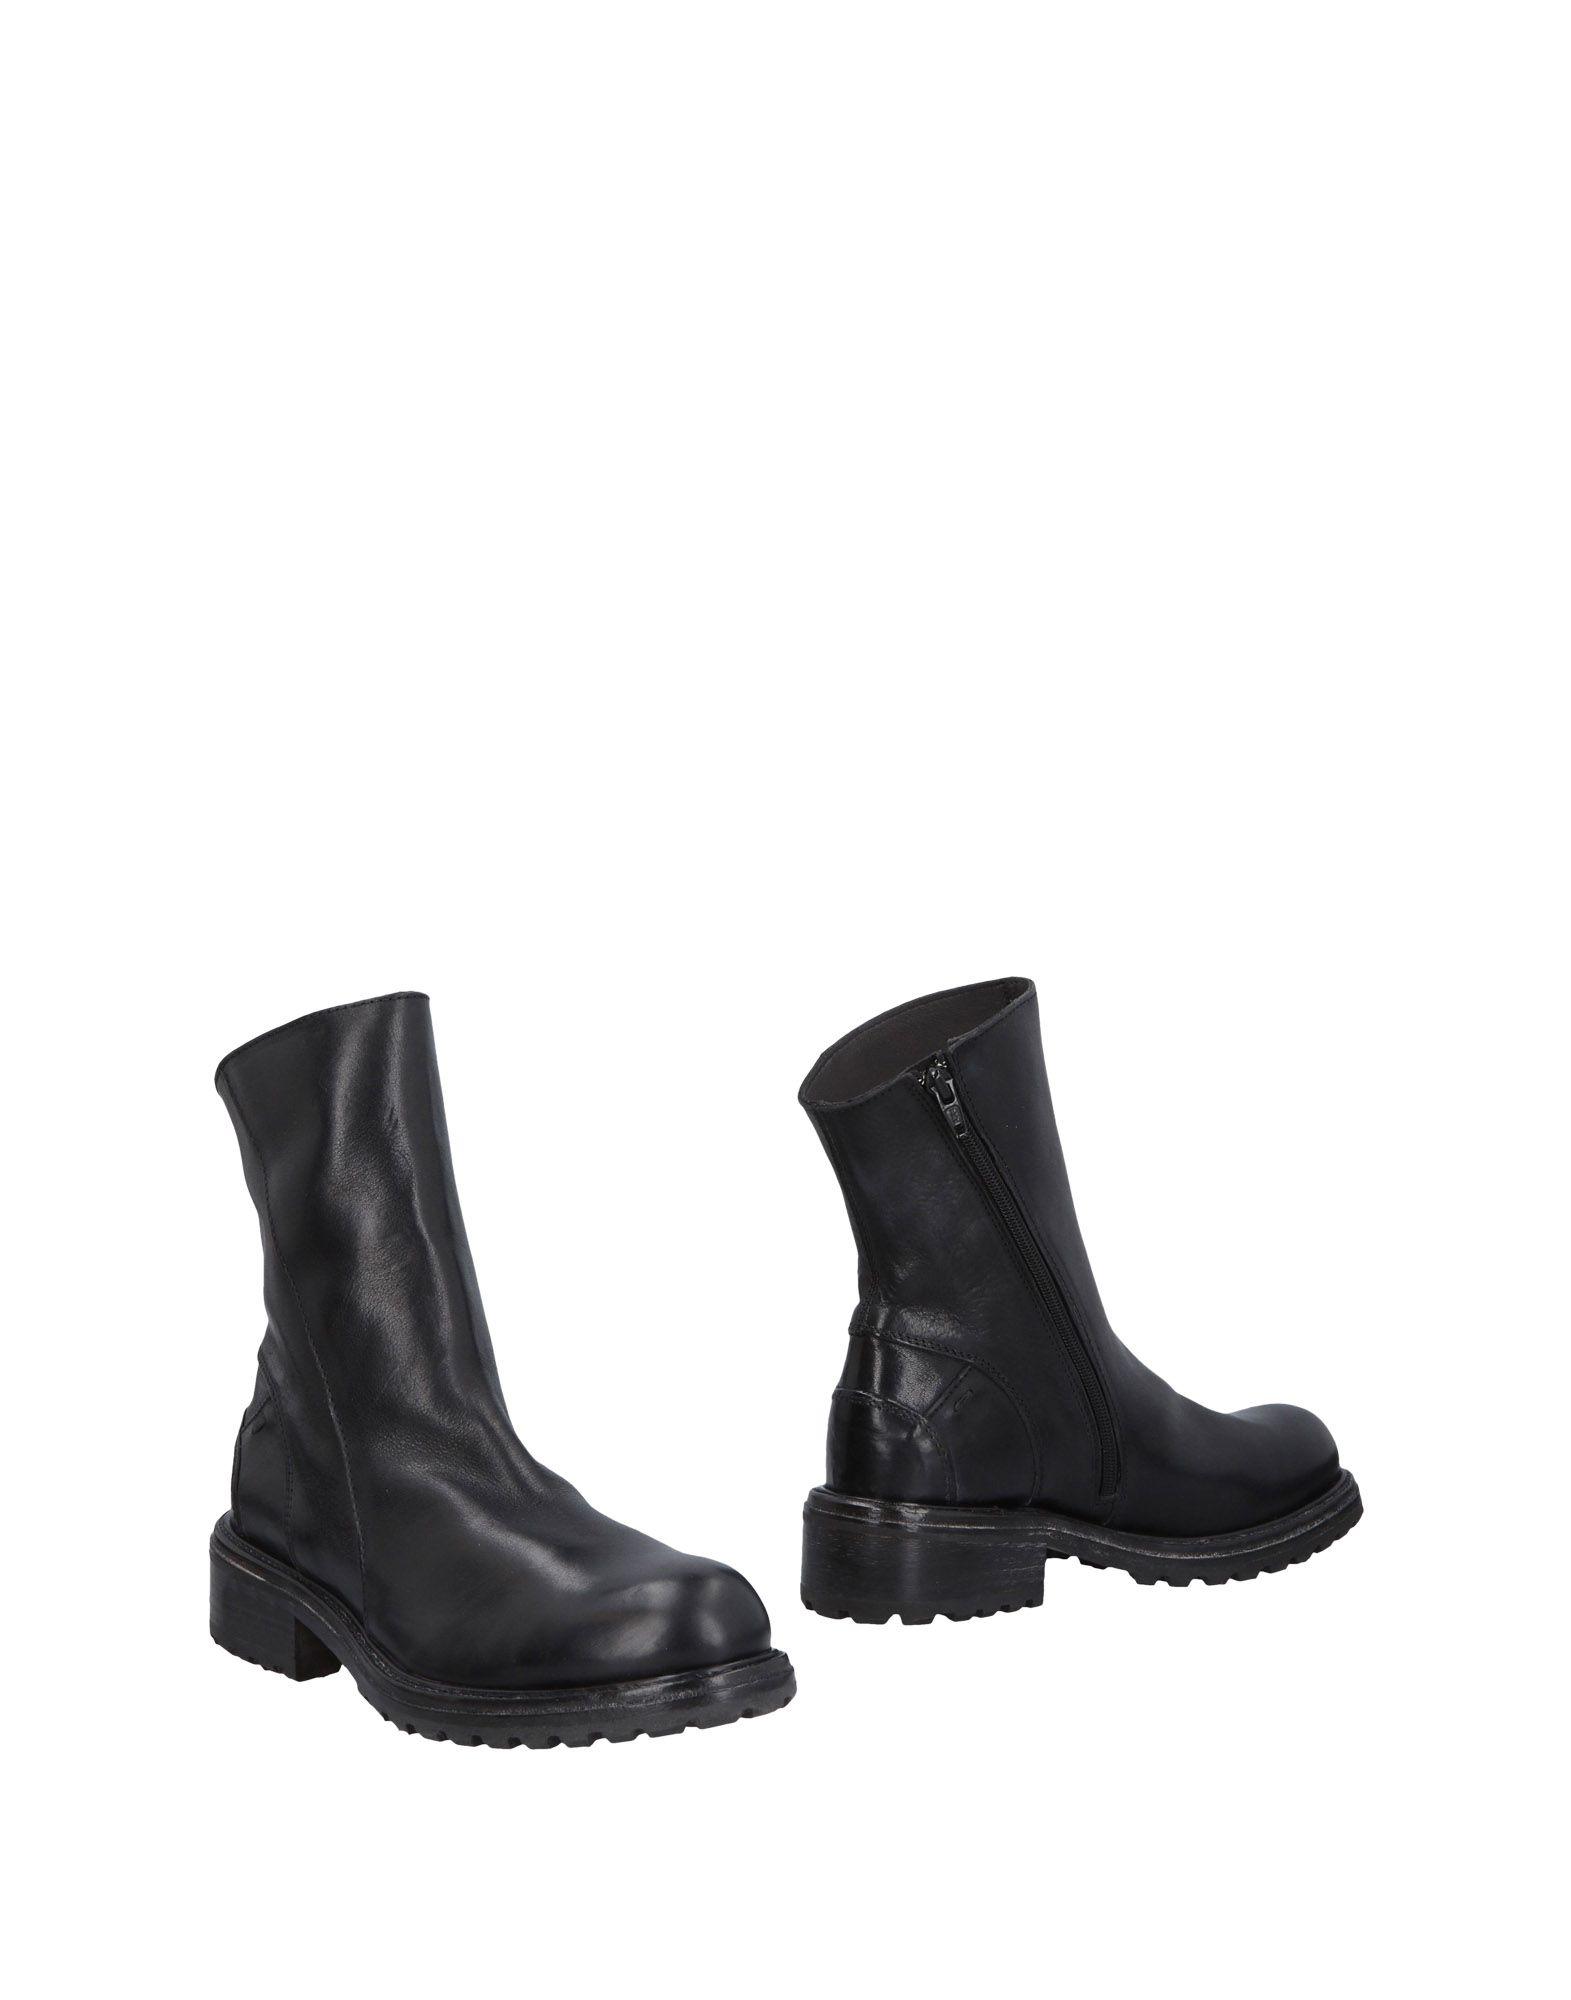 Moma Moma Ankle Boot - Women Moma Moma Ankle Boots online on  Australia - 11471493BB e4d195